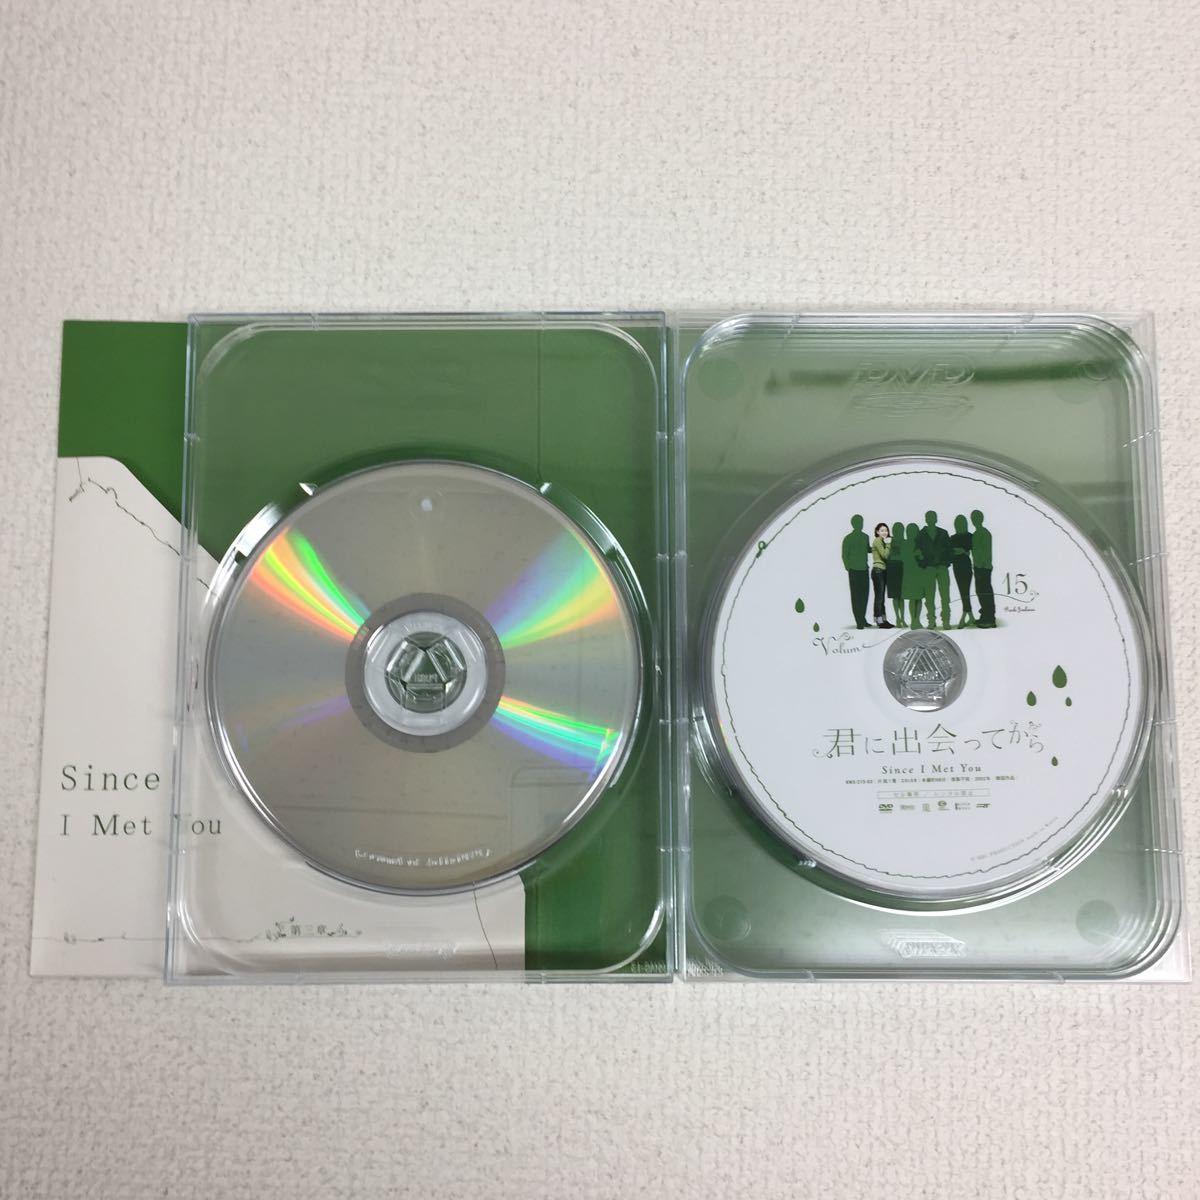 君に出会ってから 第三章 DVD-BOX 3 セル版 6枚組 韓国 ドラマ 韓流 日本語字幕 チョン・ソンジュ パク・ジョン リュ・シウォン_画像6